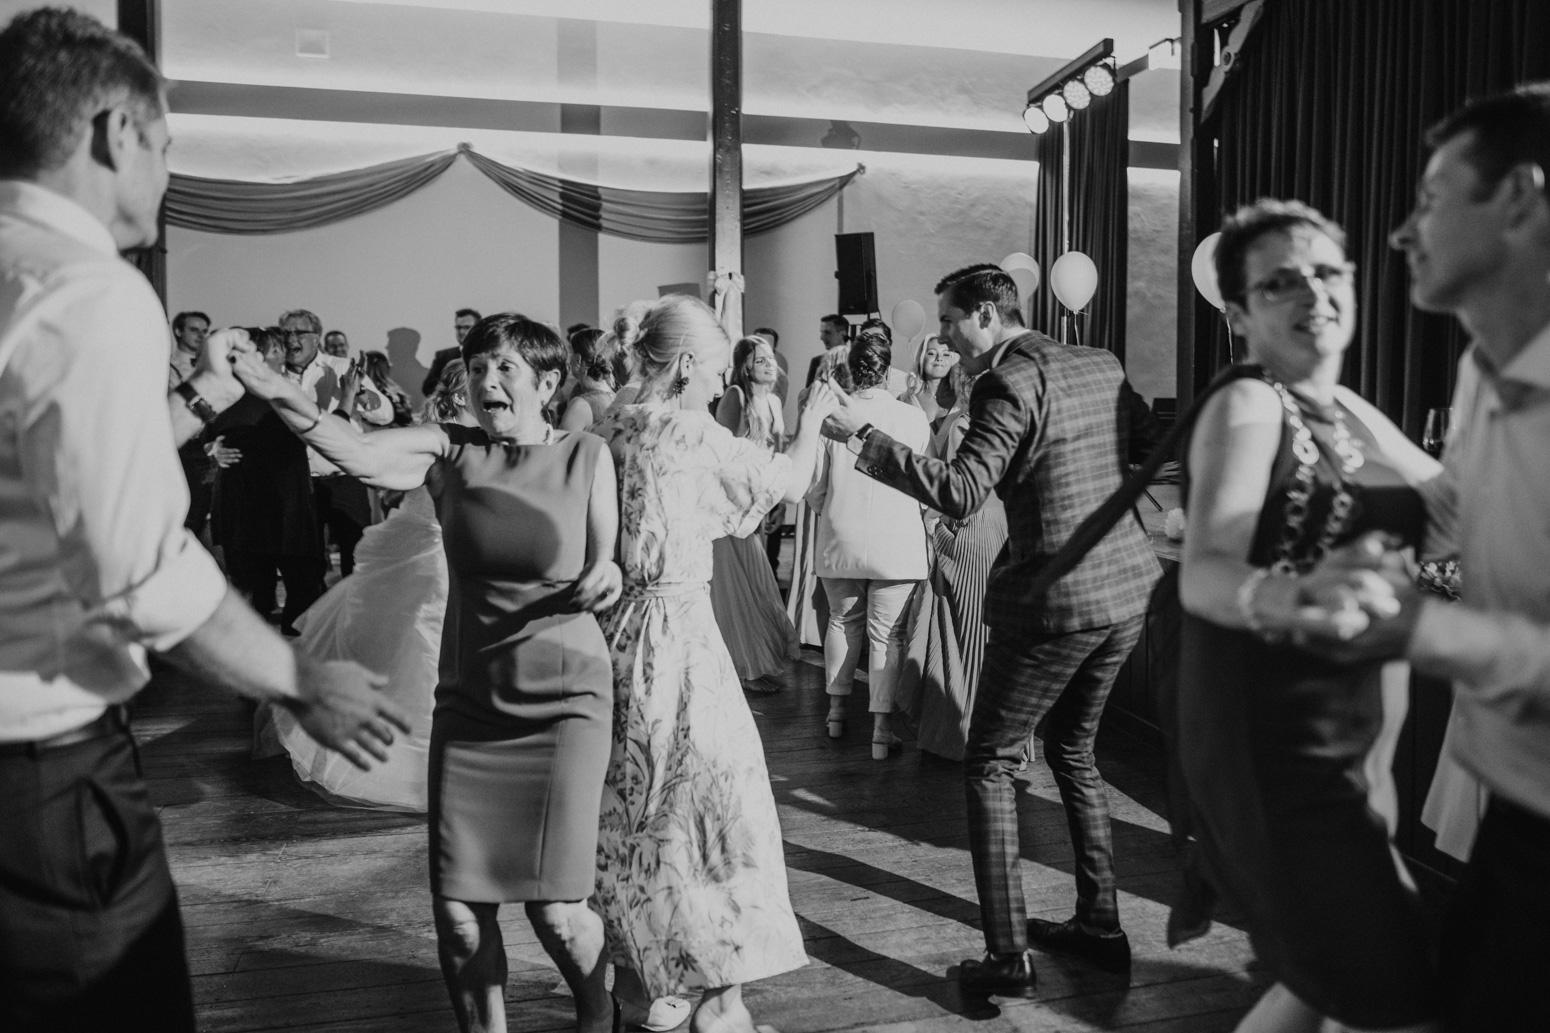 Hochzeitsparty und tanzende Gäste einer Hochzeitsfeier in der kleinen Beethovenhalle, Bad Godesberg. Hochzeitsfotograf Köln Bonn, Daria Becker von Genuine Bonds, NRW